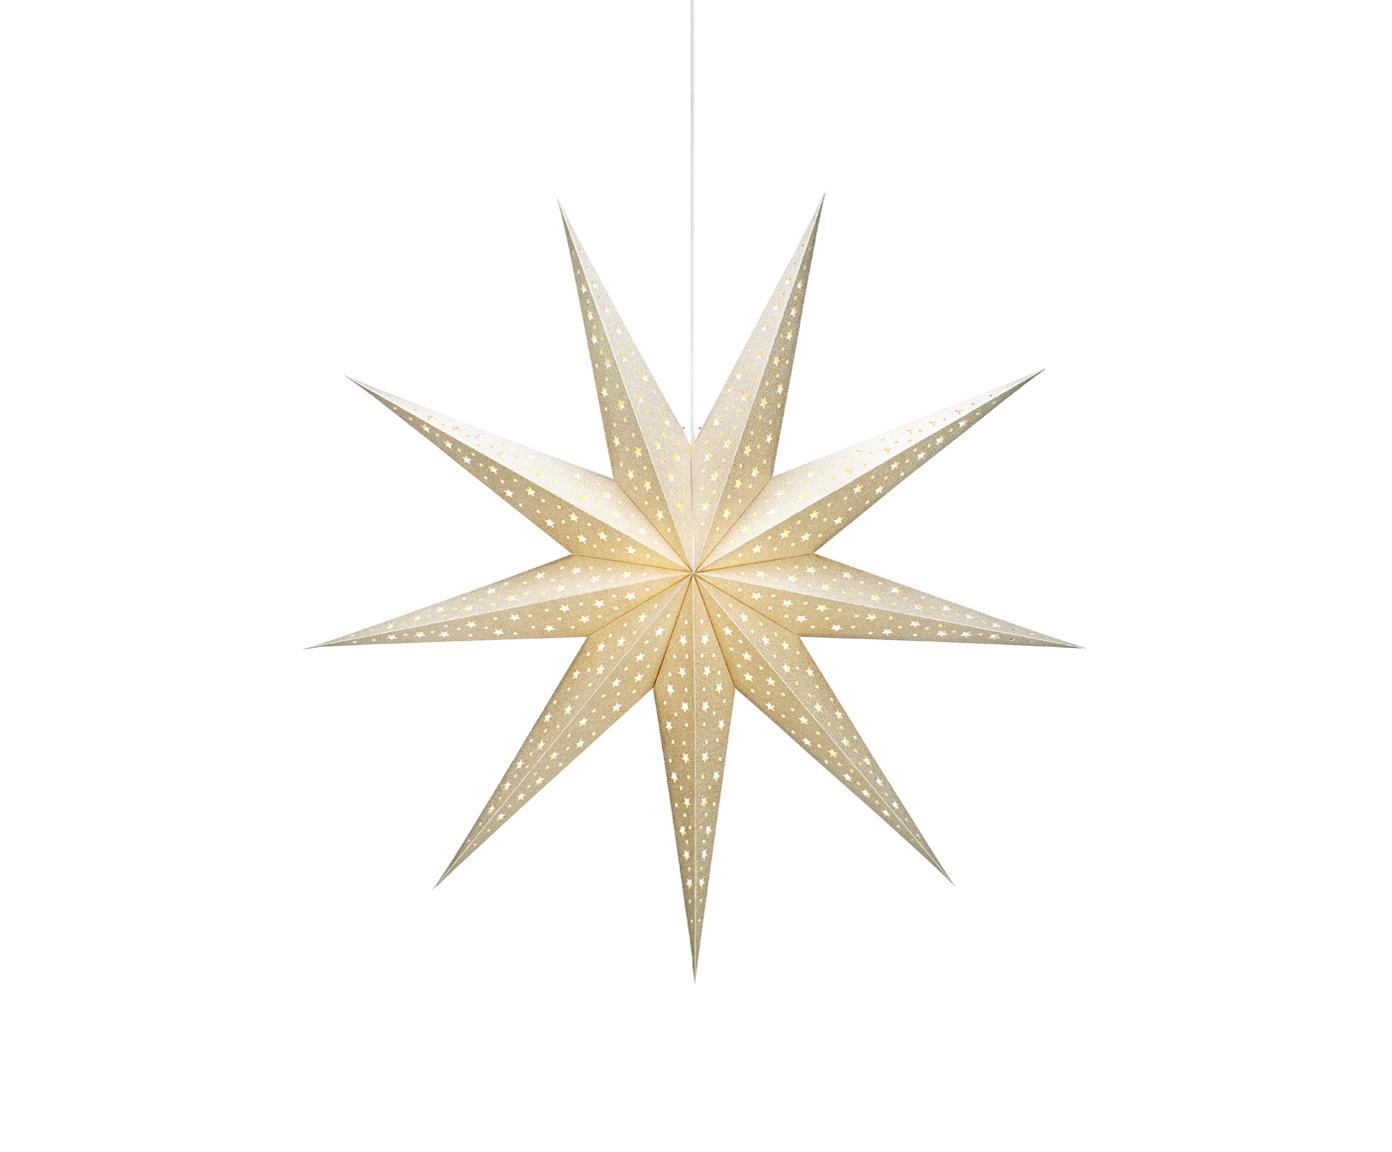 Leuchtstern Solvalla, Leuchtstern: GoldfarbenKabel: Weiss, Ø 100 x T 28 cm